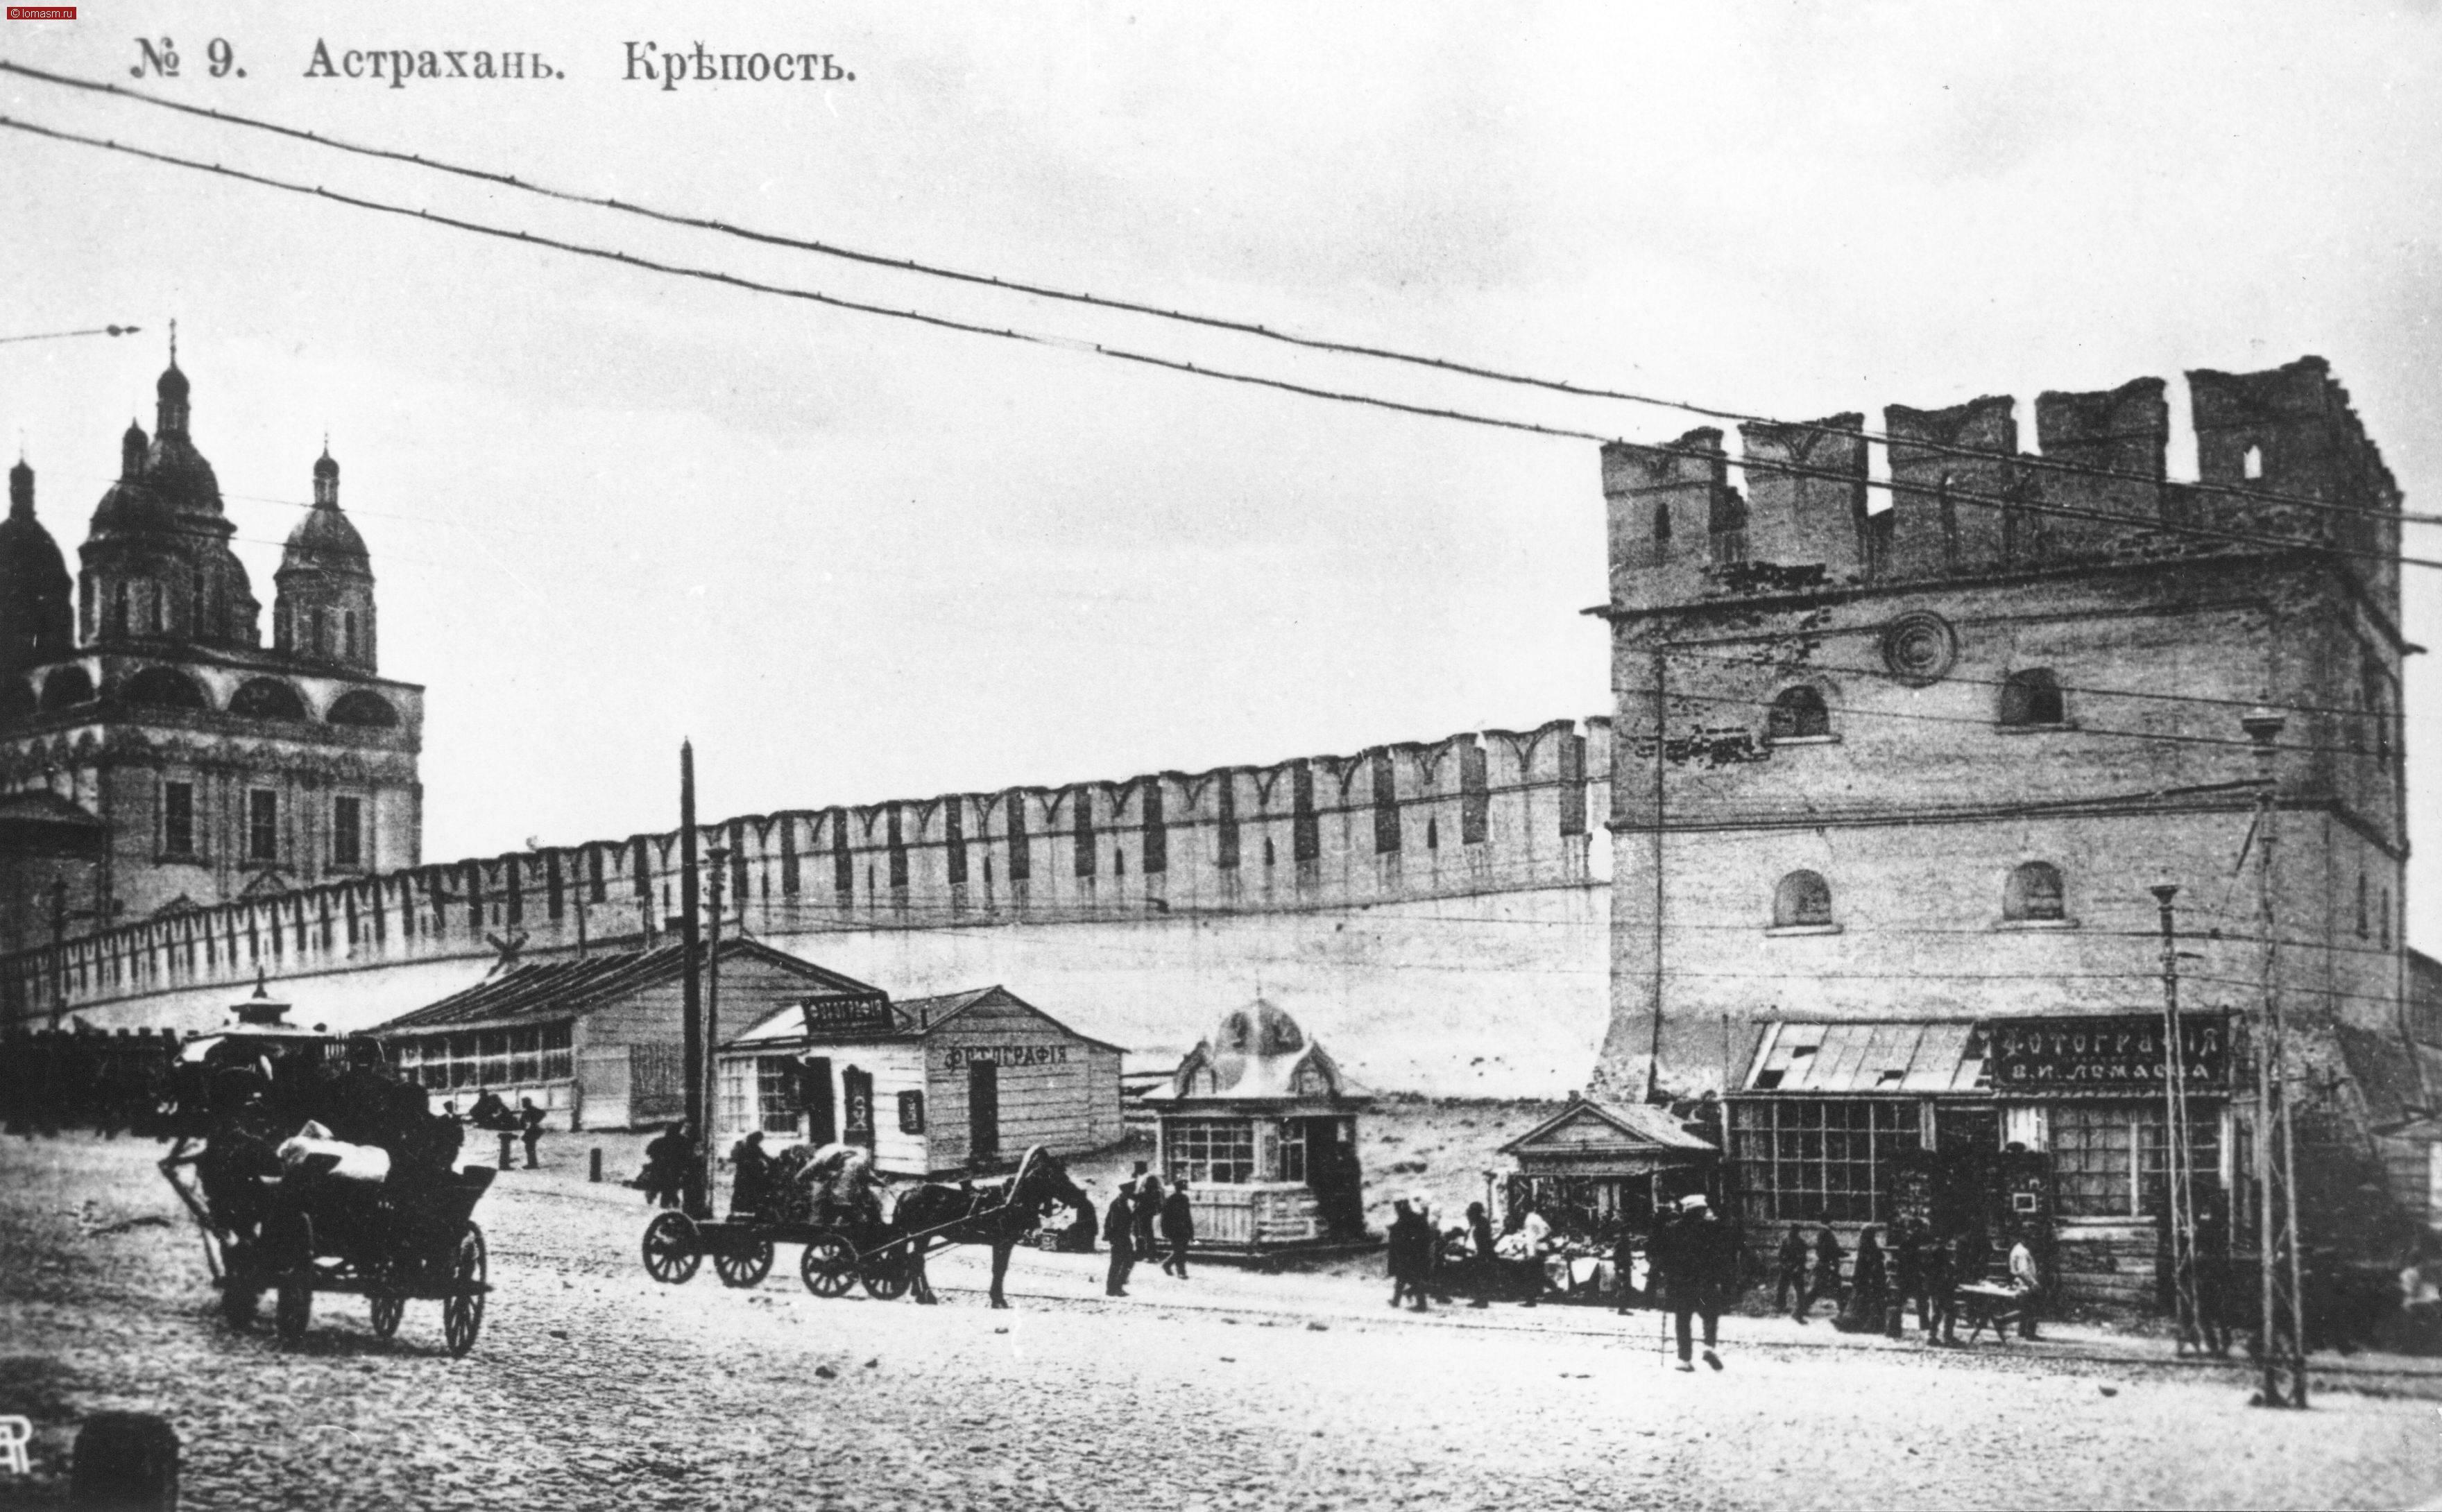 Астраханская крепость